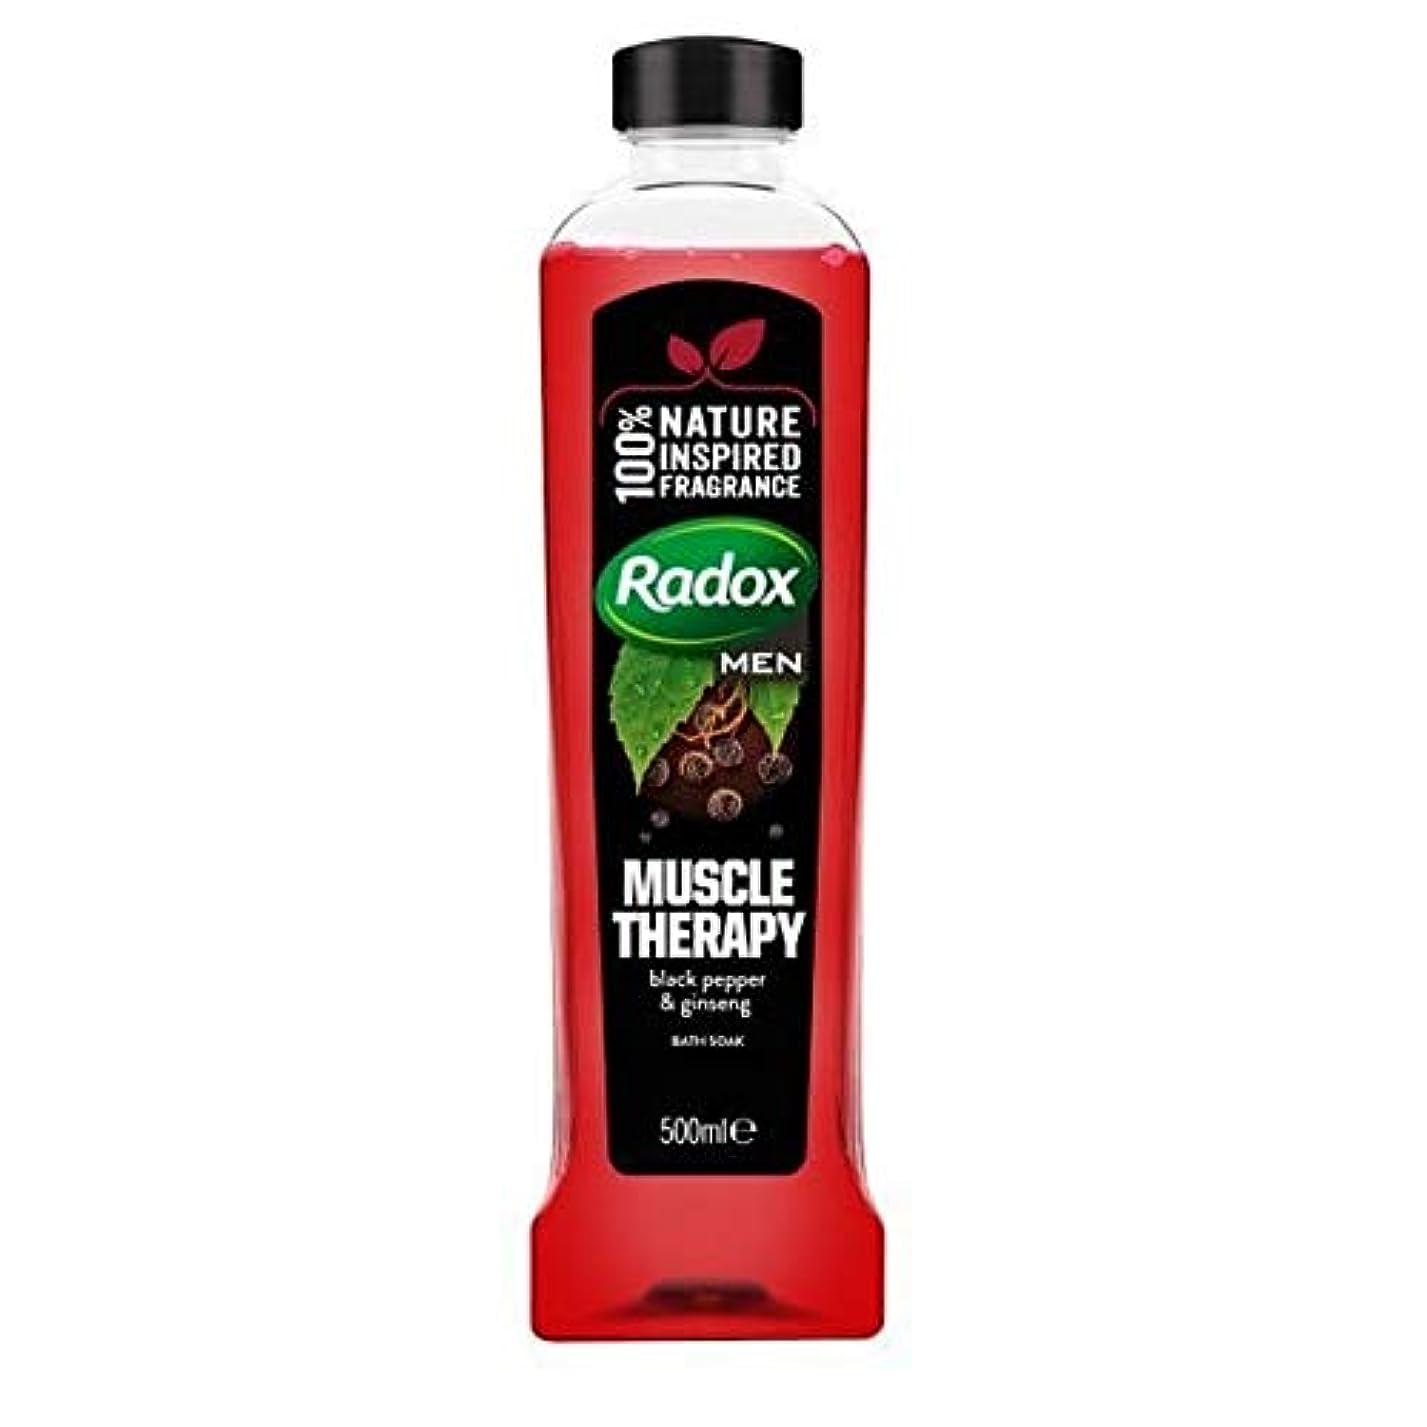 困惑した修士号ラオス人[Radox] Radoxは、500ミリリットルのソーク良い香り筋肉の治療風呂を感じます - Radox Feel Good Fragrance Muscle Therapy Bath Soak 500ml [並行輸入品]